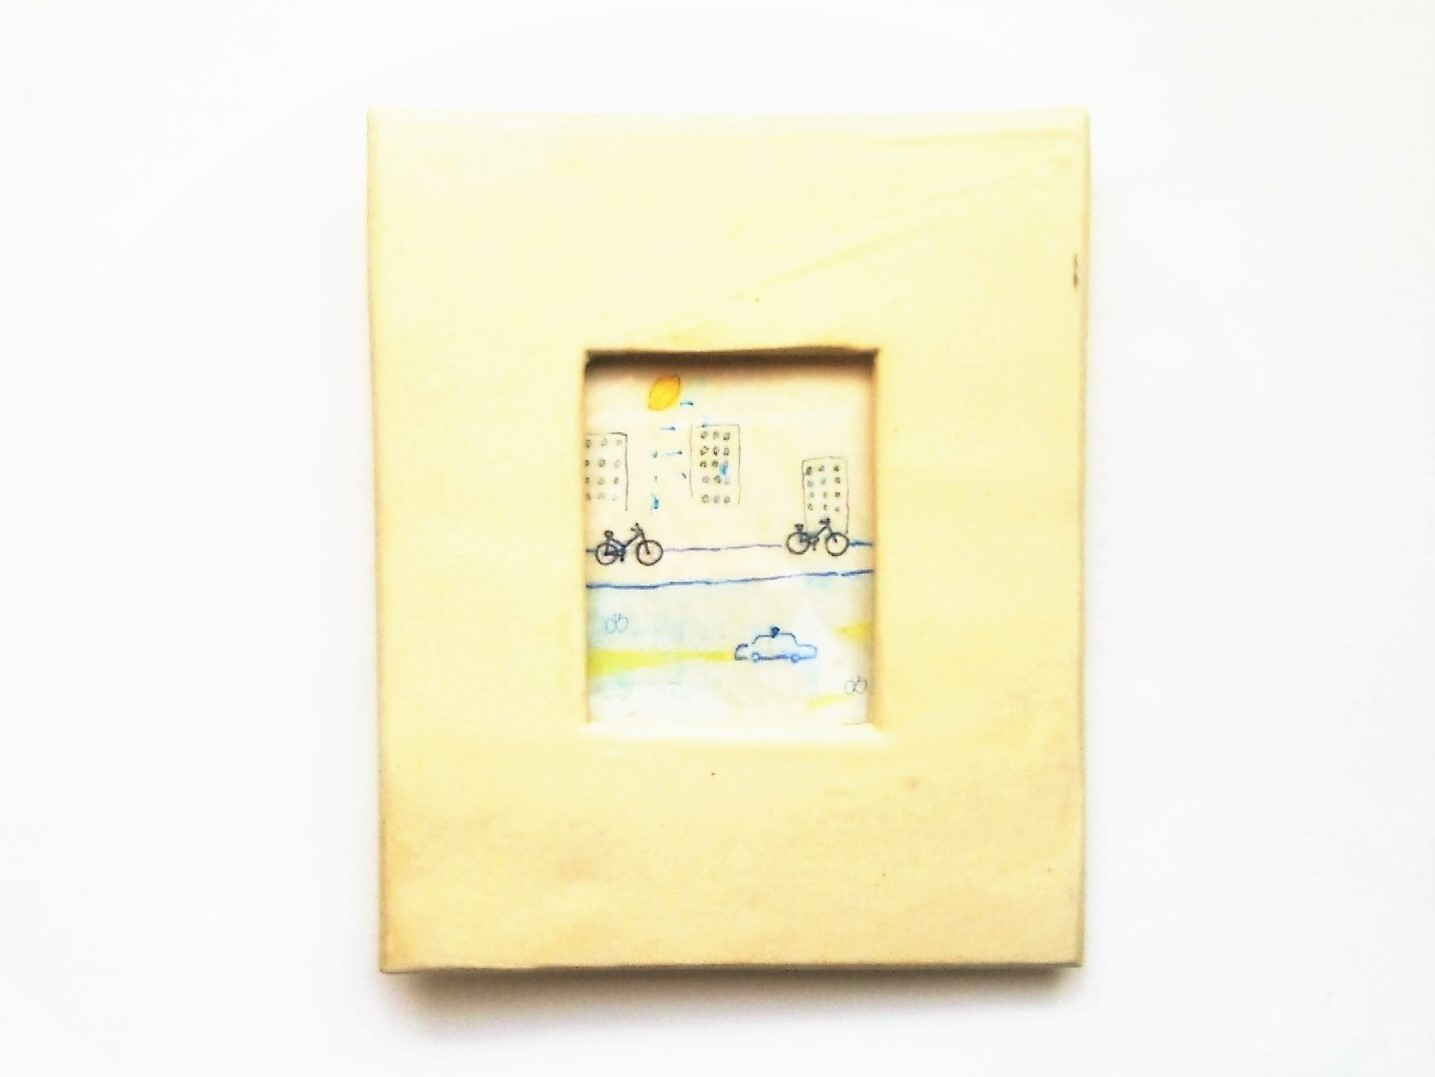 レモンの夜に イラスト原画陶器の額縁入り Nao Kamimura